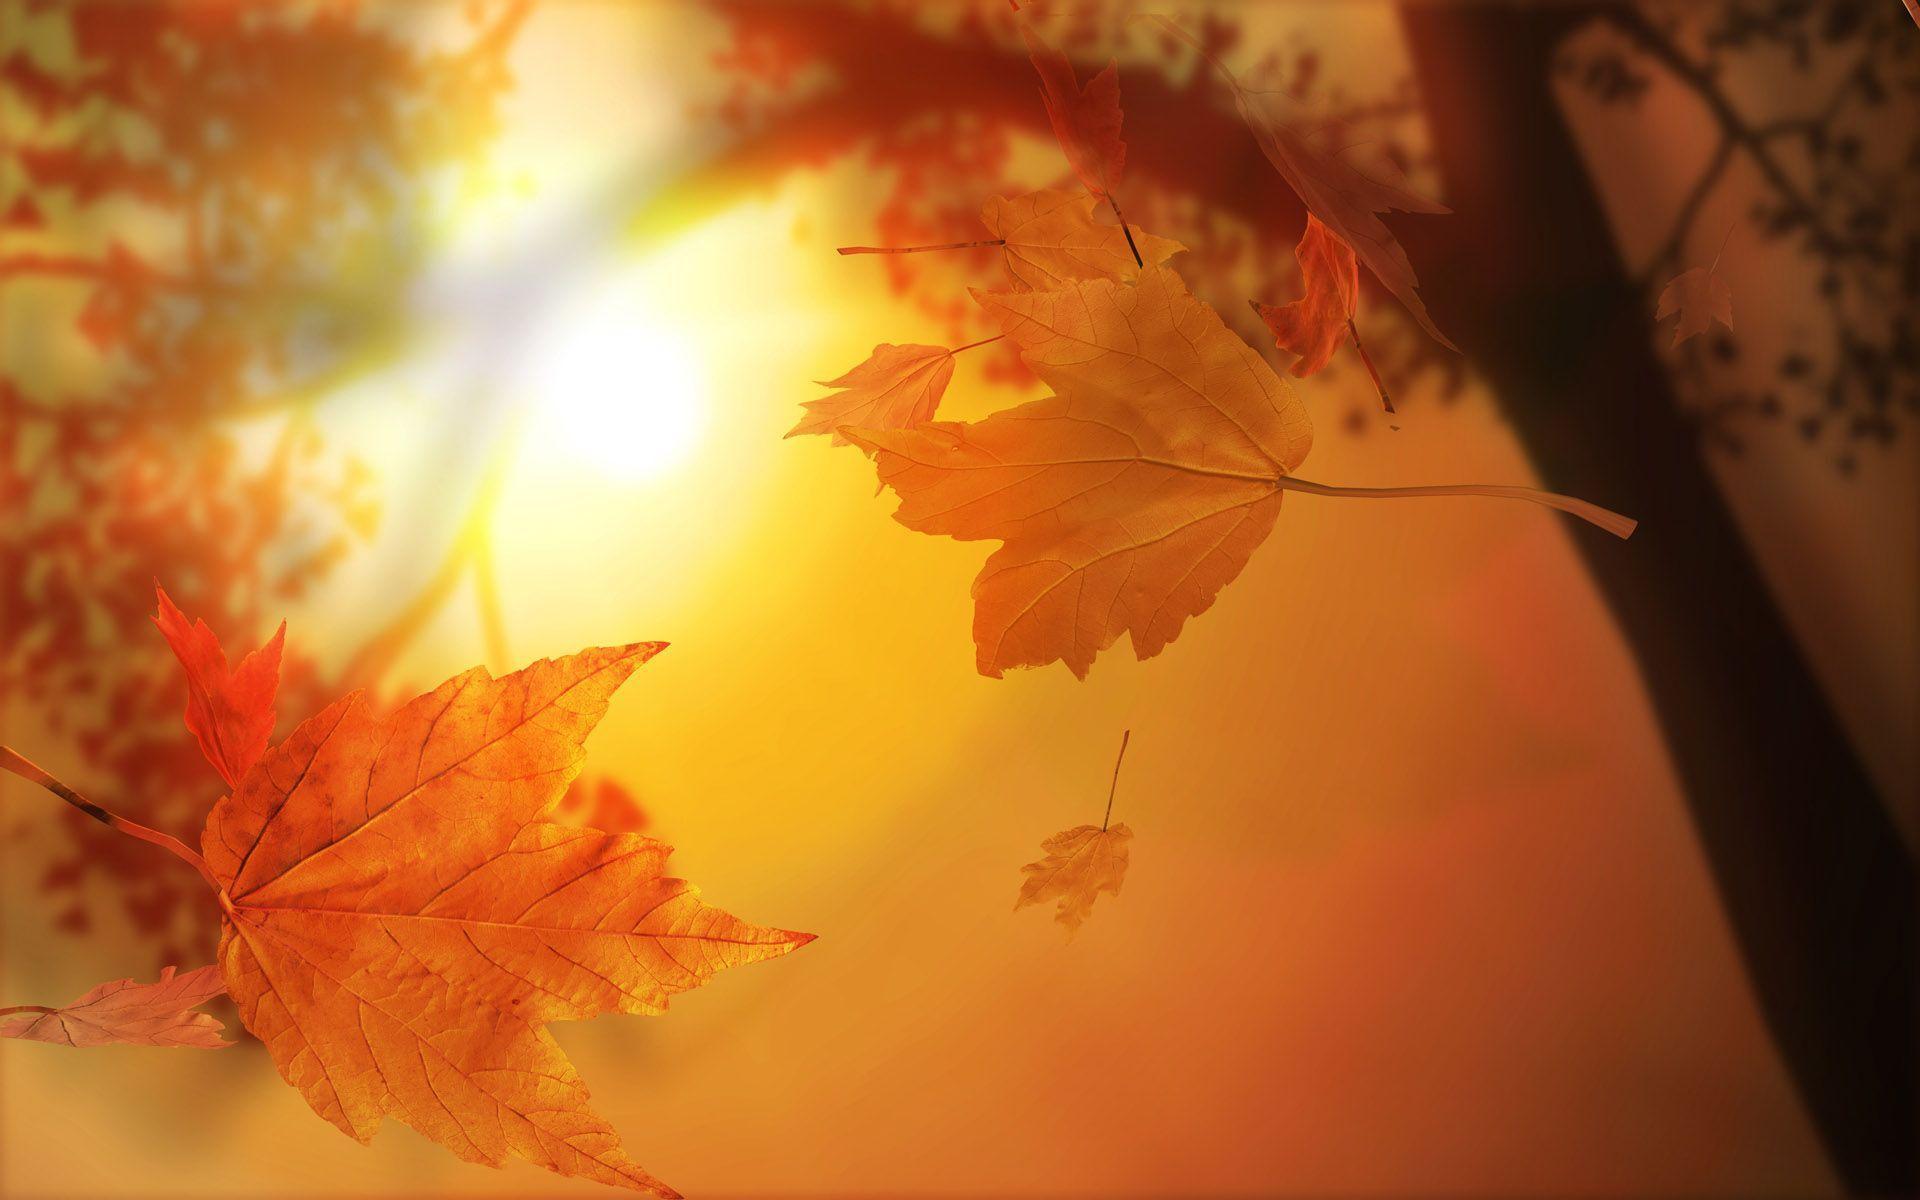 Stunning Fall Wallpapers - HD Wallpapers Inn